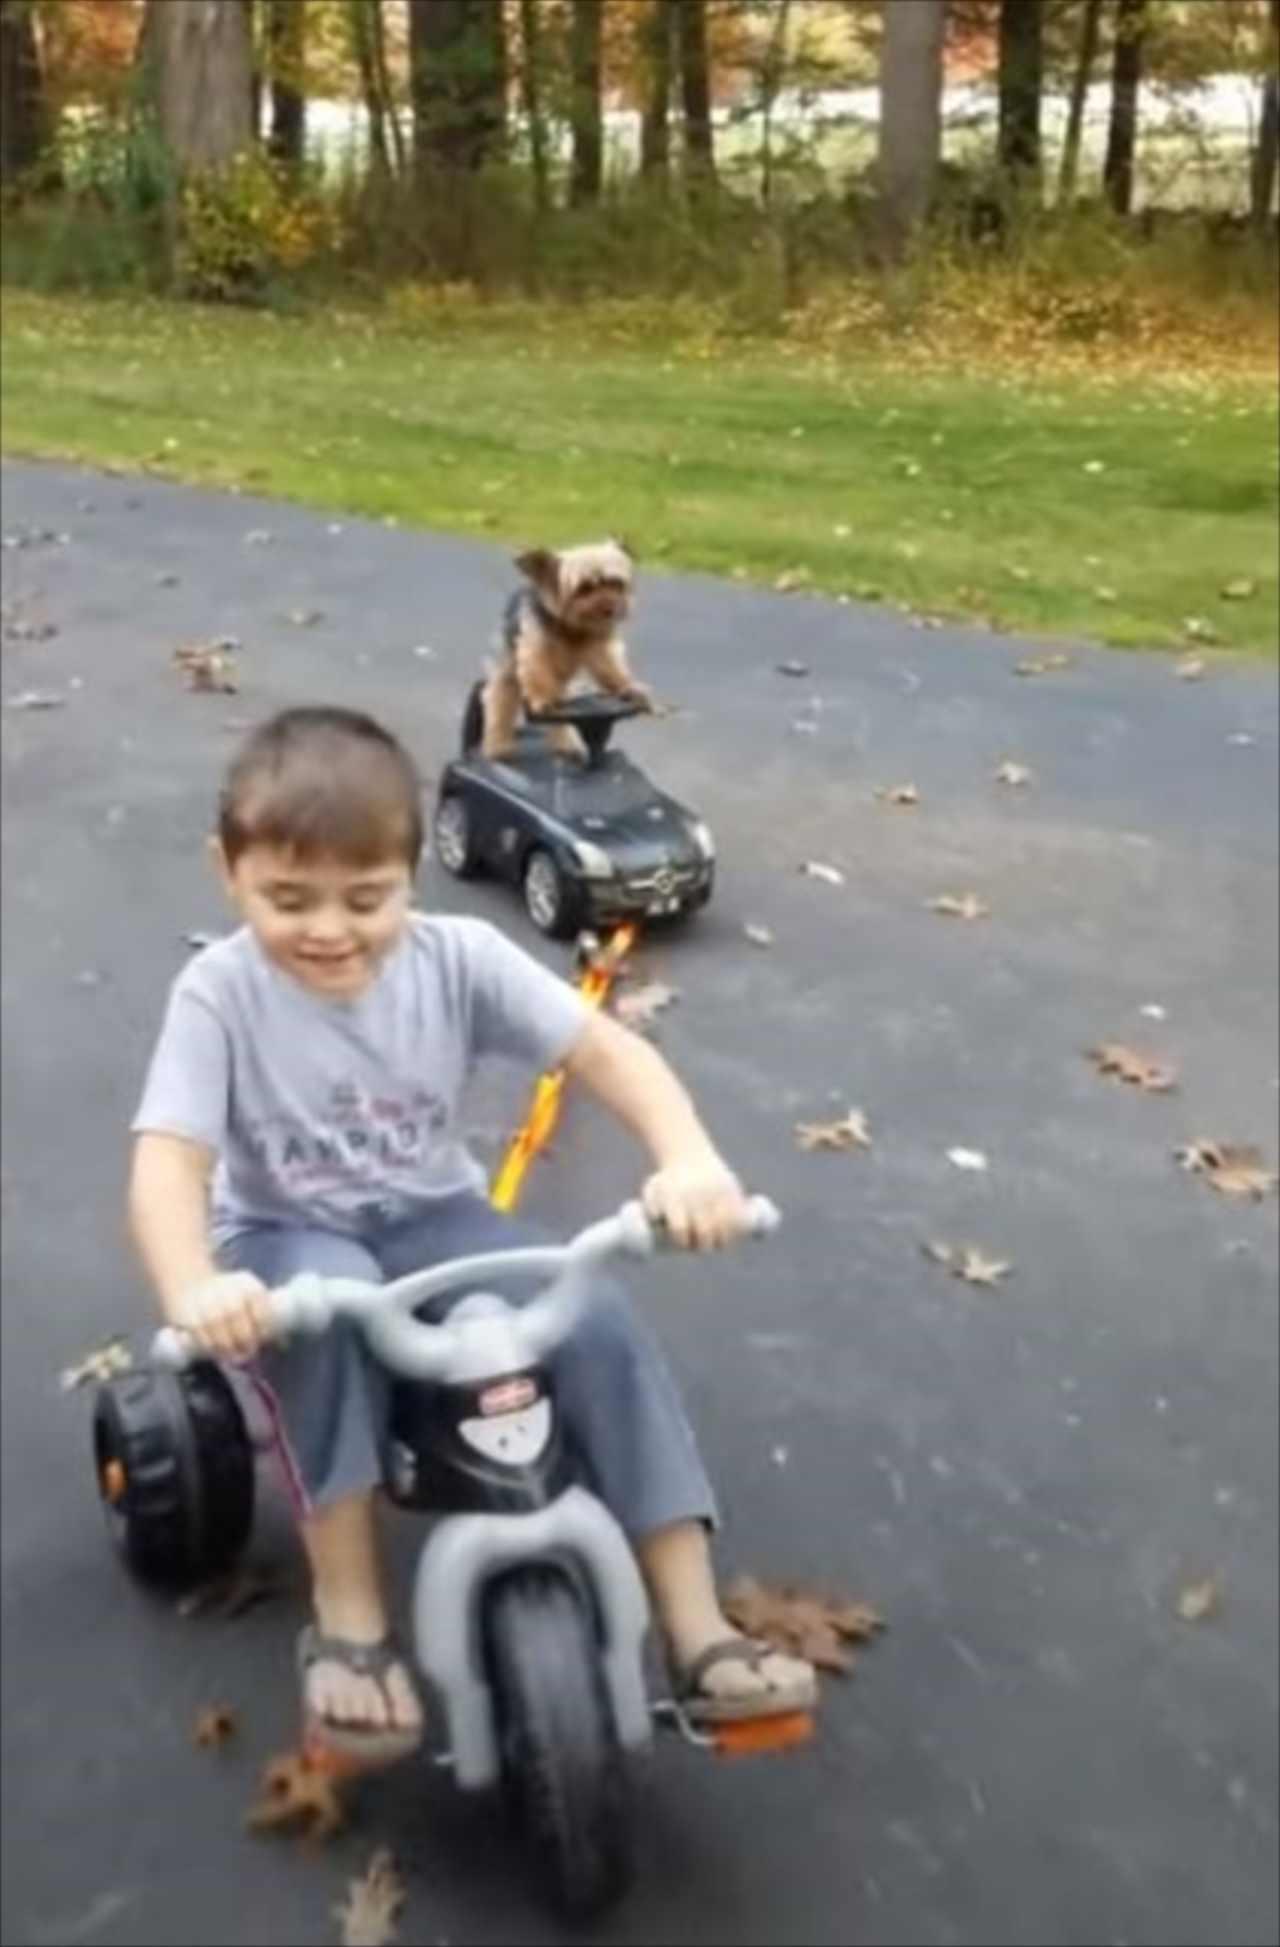 楽しいんだワン♪子どもにけん引されてオモチャの車を乗りこなすワンコがかわいすぎる!